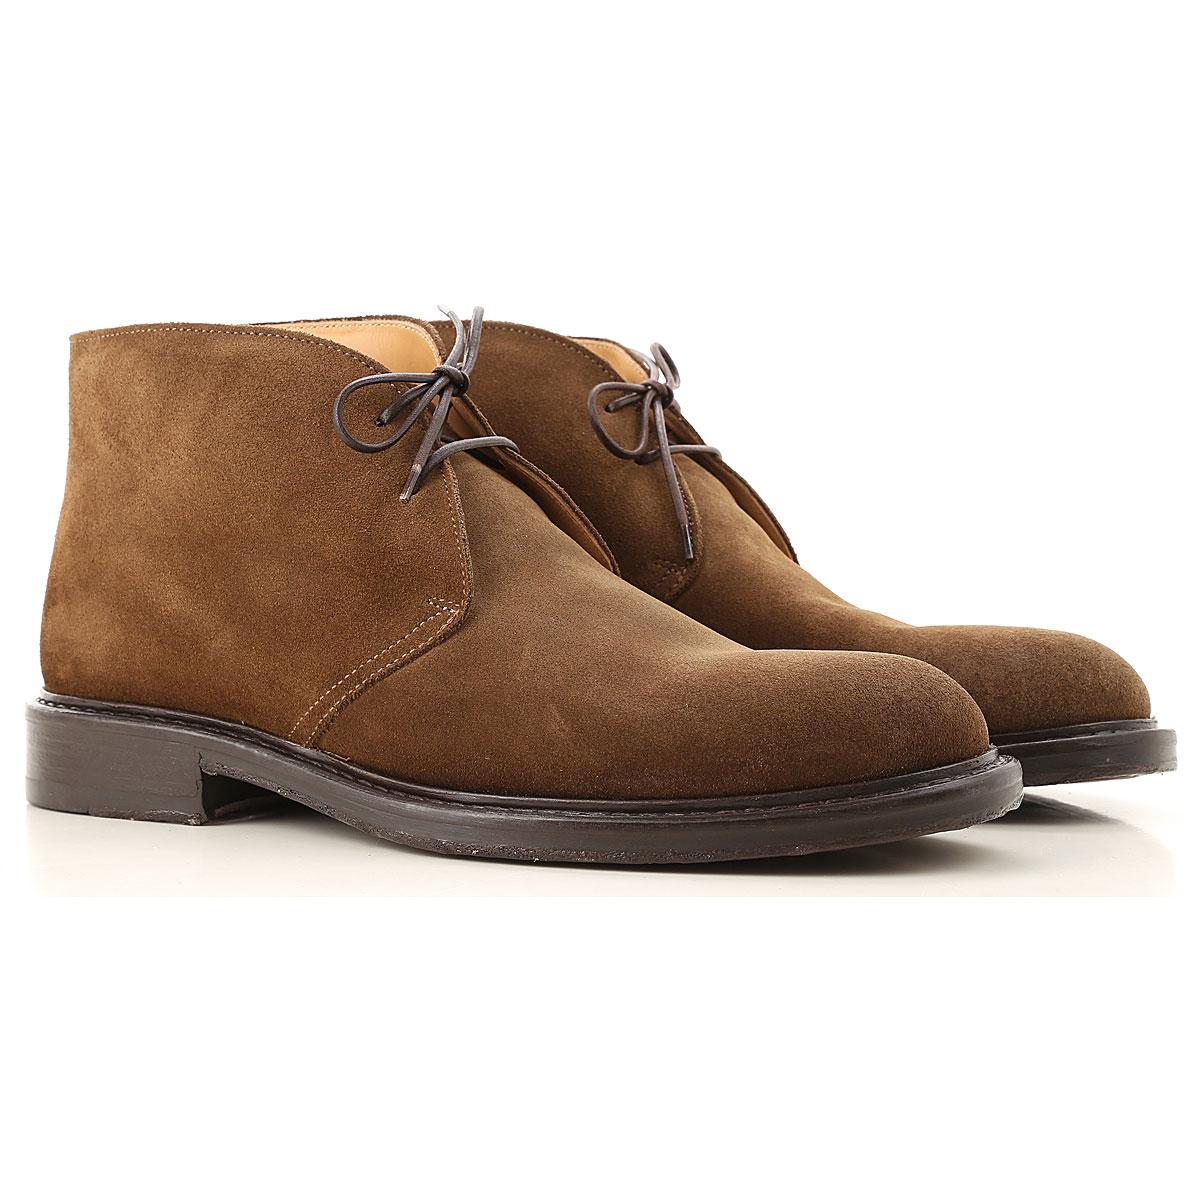 Seboys Desert Boots Chukka for Men On Sale, Cigar, Leather, 2019, 10 10.25 7 8 8.5 9